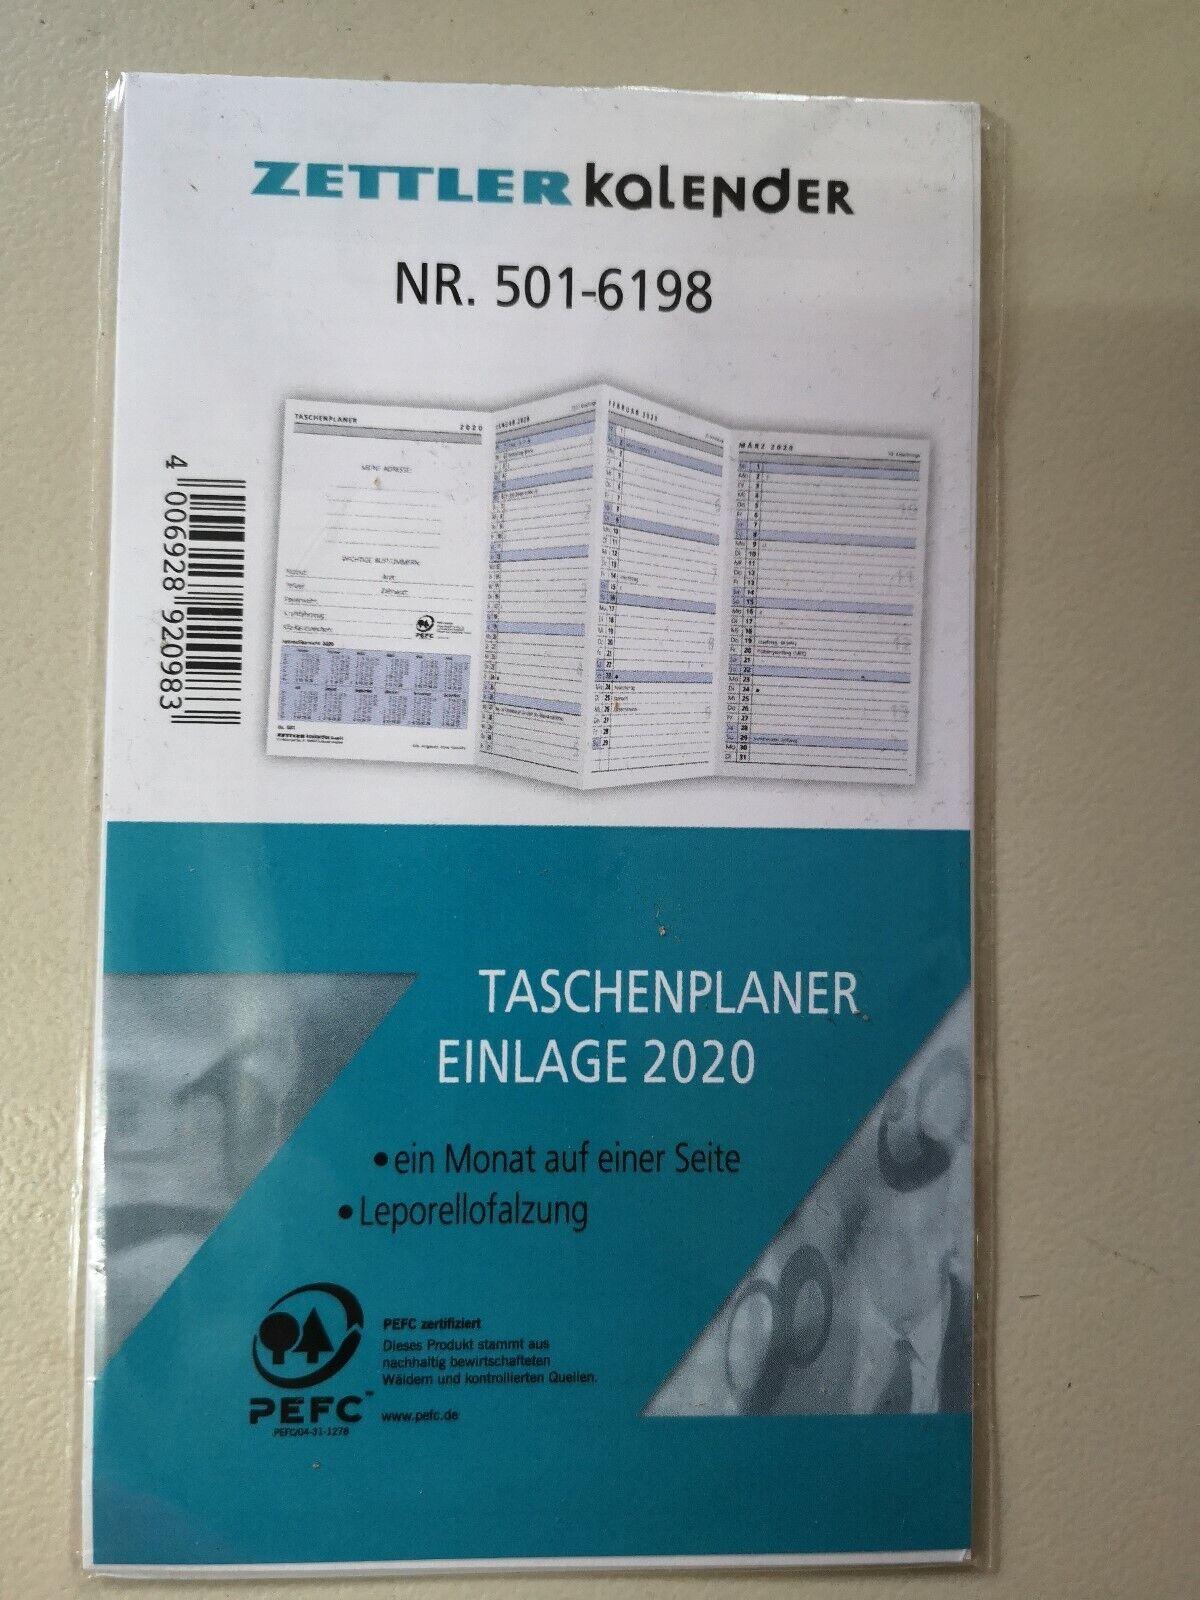 2020 Zettler Taschenplaner Einlage 540-6198 Kalender 1 W// 1 S geheftet